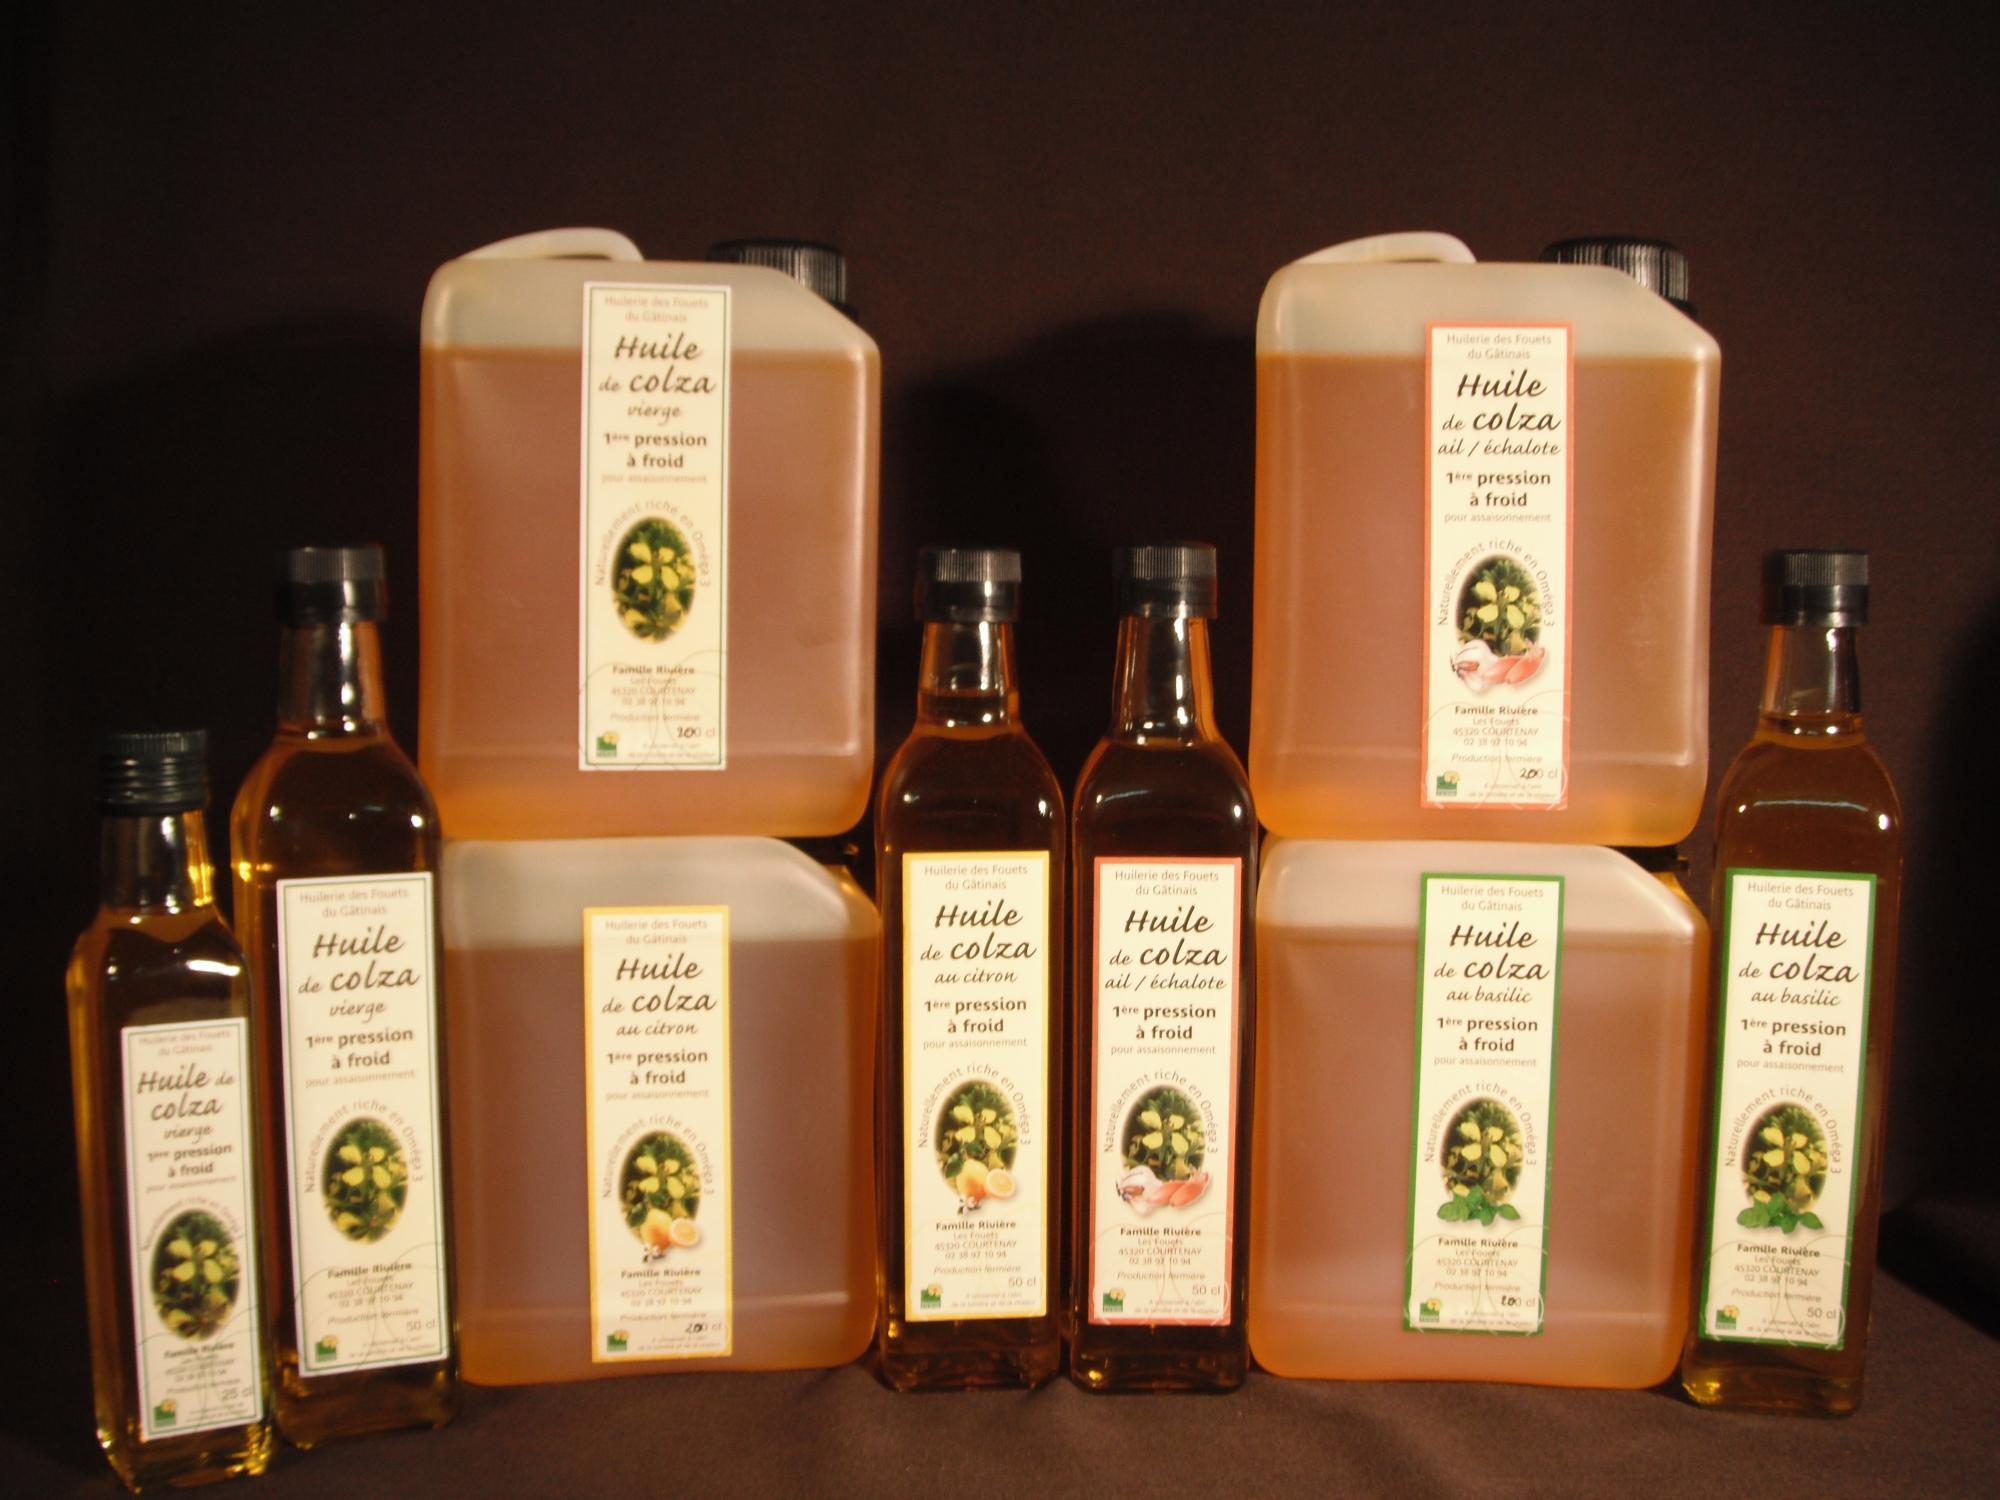 Les huiles produites